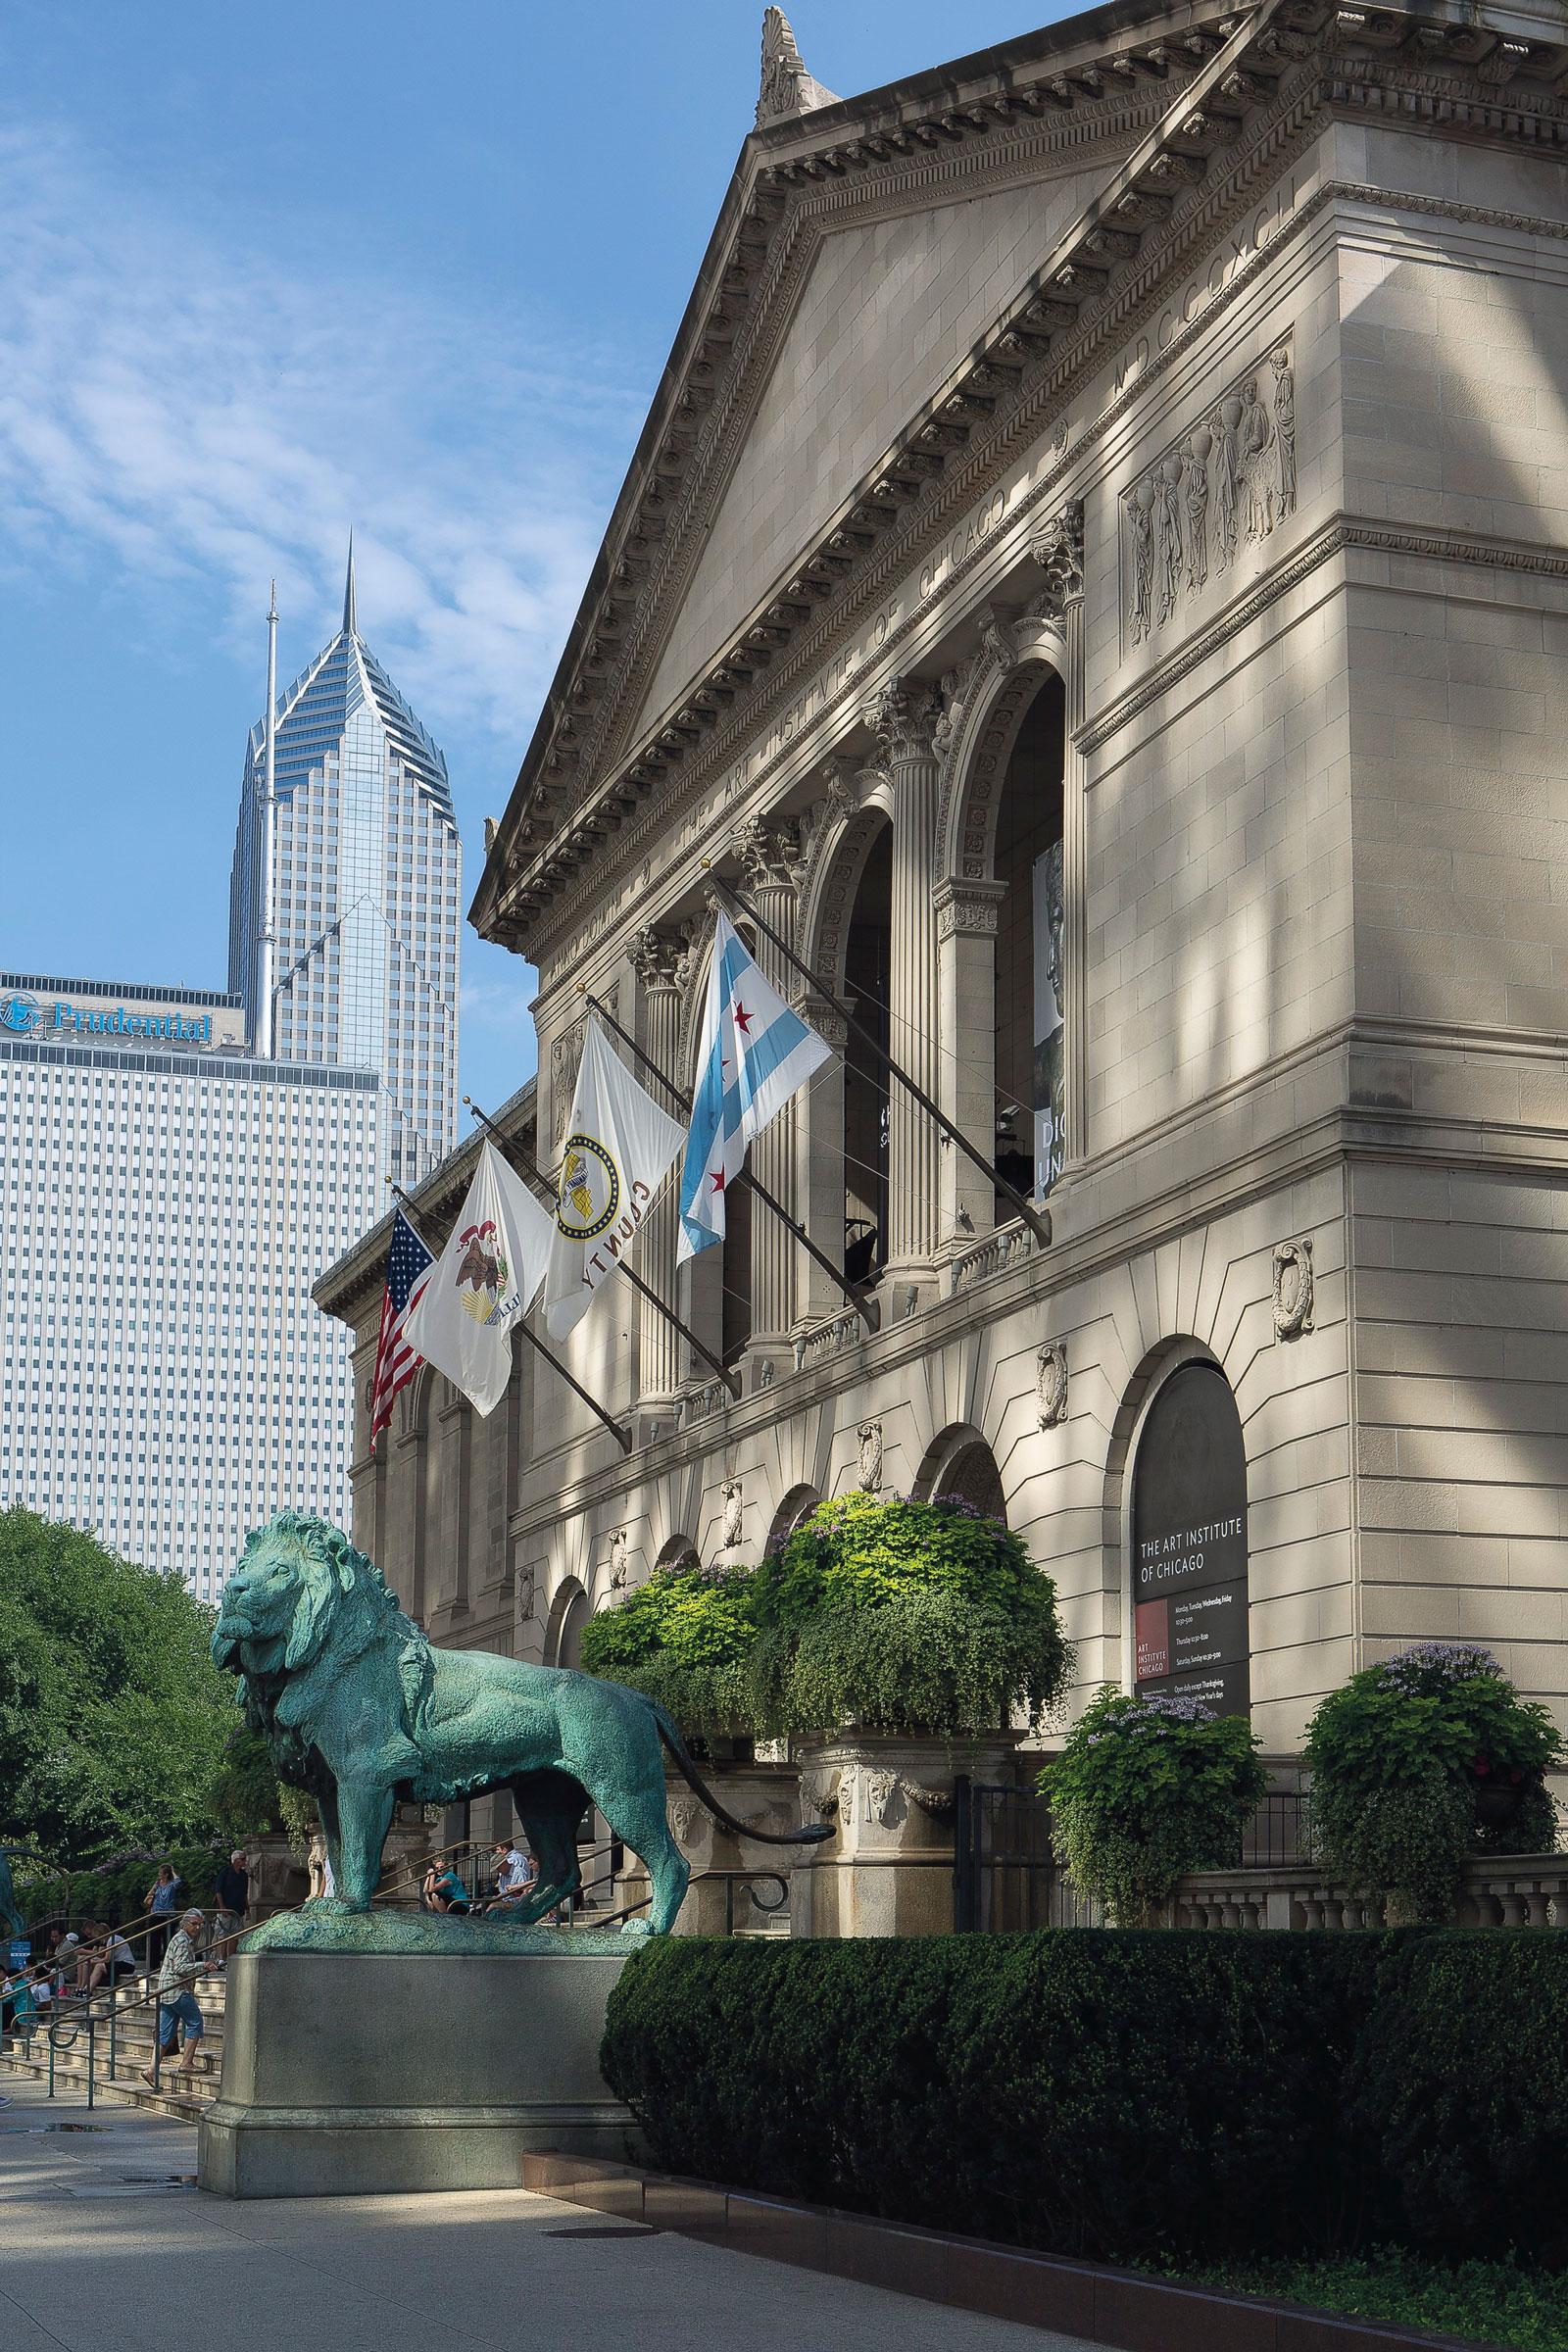 芝加哥艺术博物馆,密歇根大街入口景观。相片由芝加哥艺术博物馆提供。爱德华‧凯米斯铸造的《狮子》绿锈青铜像由亨利‧菲尔德太太于1898年送赠。1a-b。芝加哥艺术博物馆。两尊狮子雕像是芝加哥艺术博物馆的注册商标。